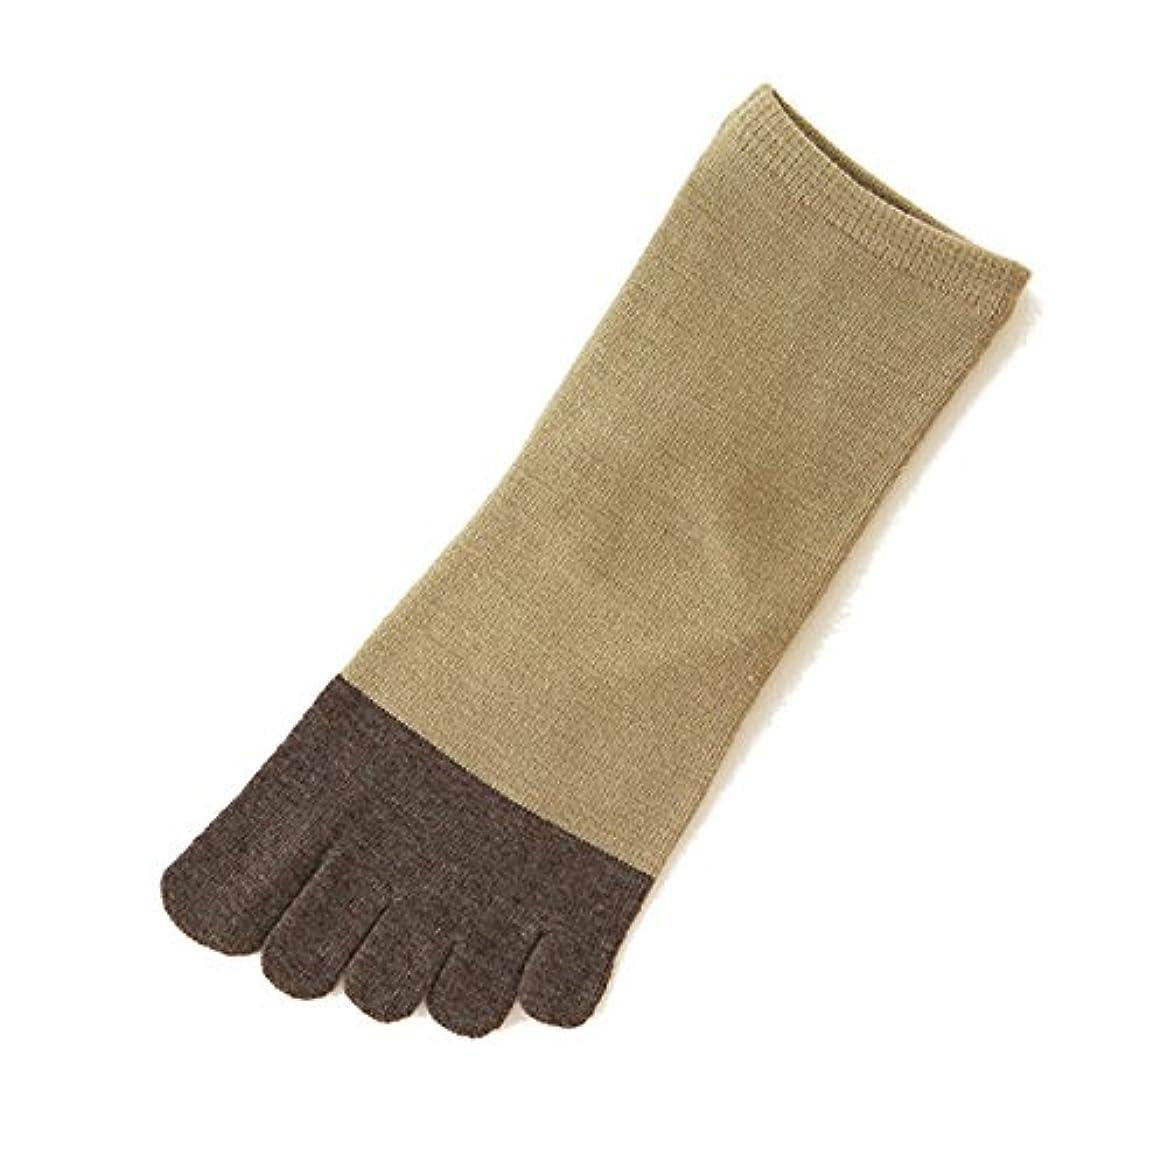 かろうじて辛な既婚[靴下屋]クツシタヤ 2面切り替え5本指ソックス 22.0~24.0cm 日本製 五本指靴下